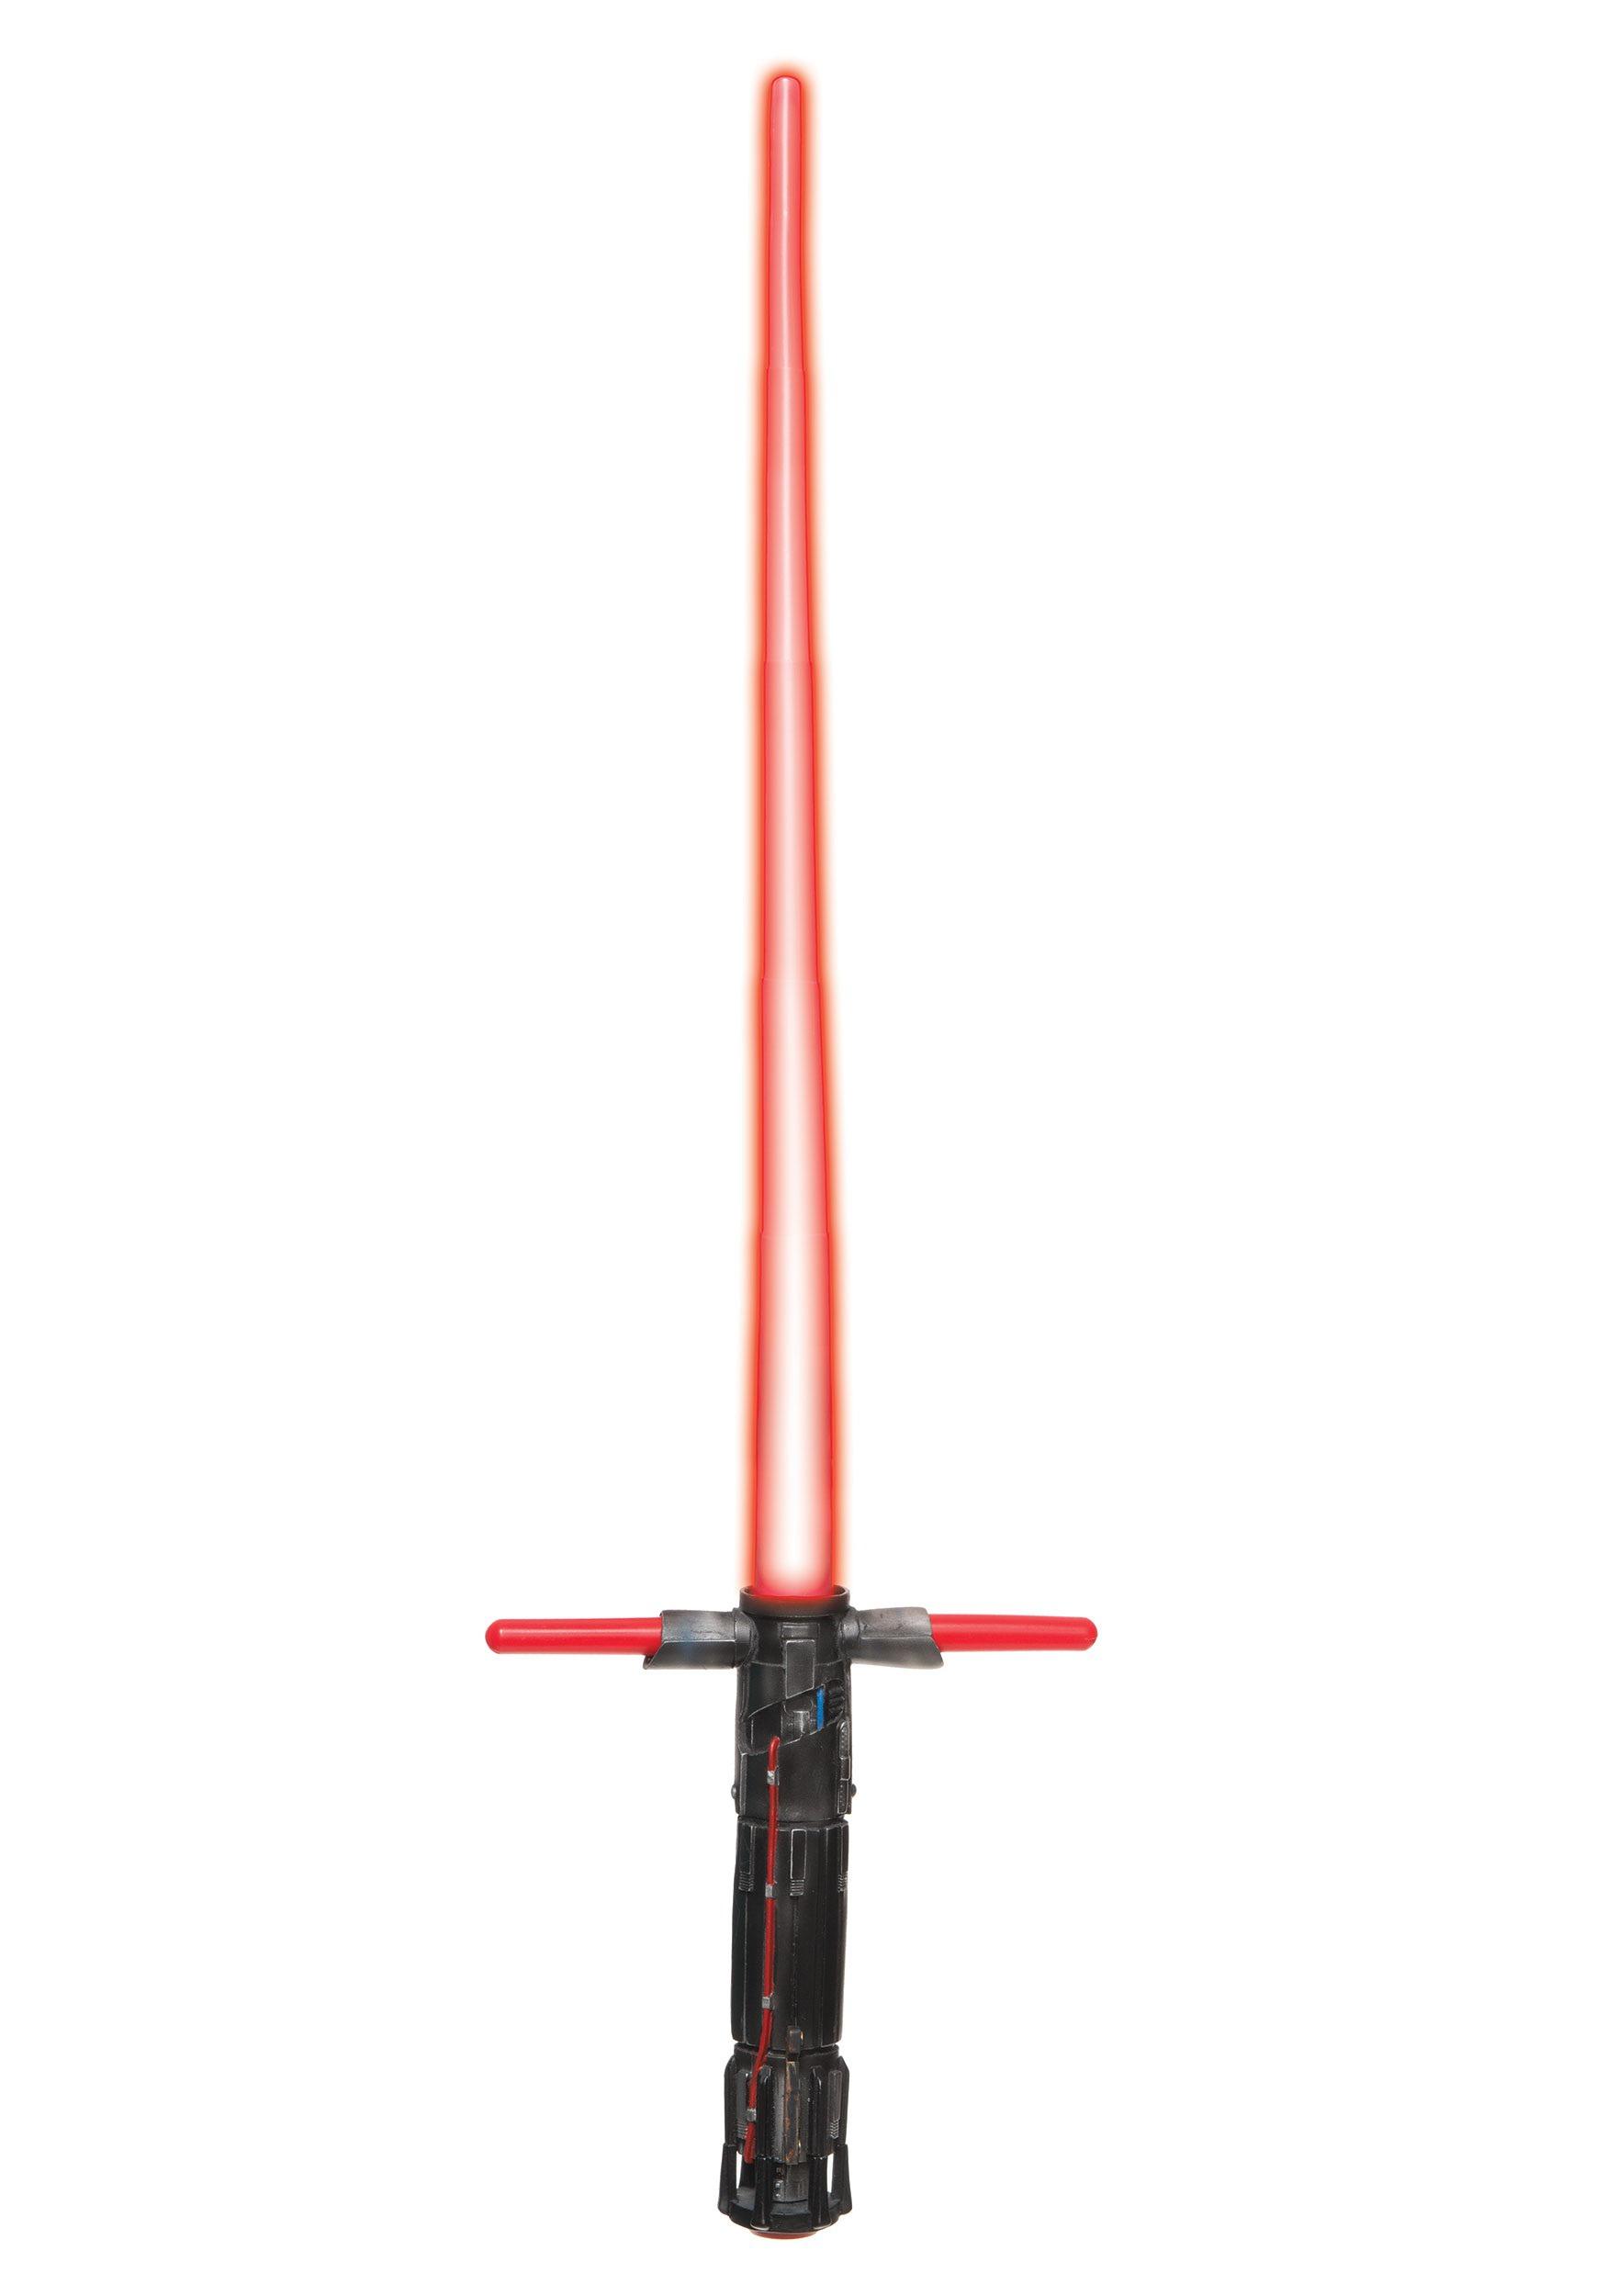 Star Wars Kylo Ren Lightsaber RU32238